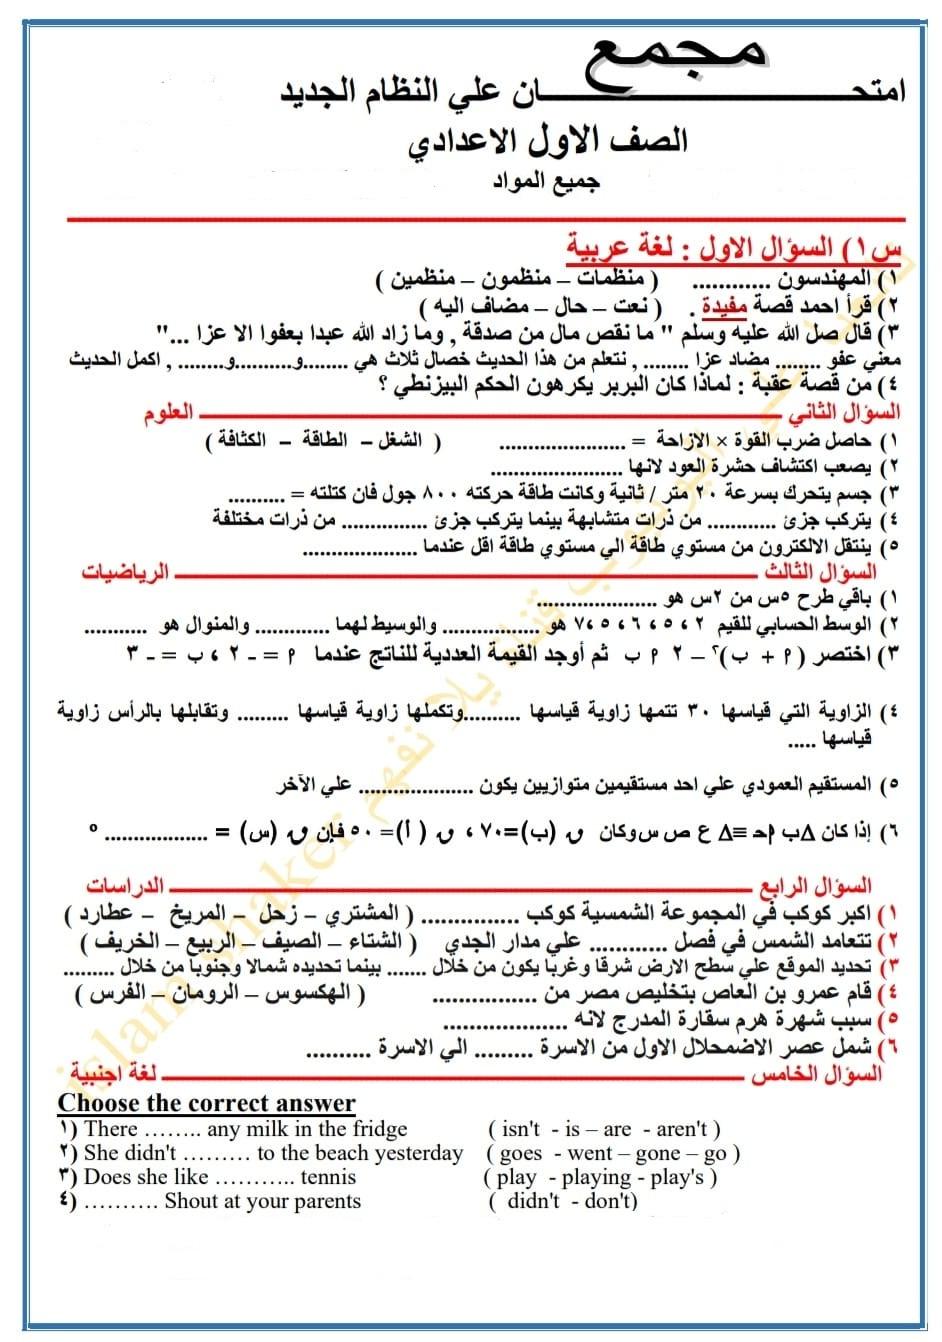 امتحان مجمع لجميع المواد للصف الأول الإعدادي